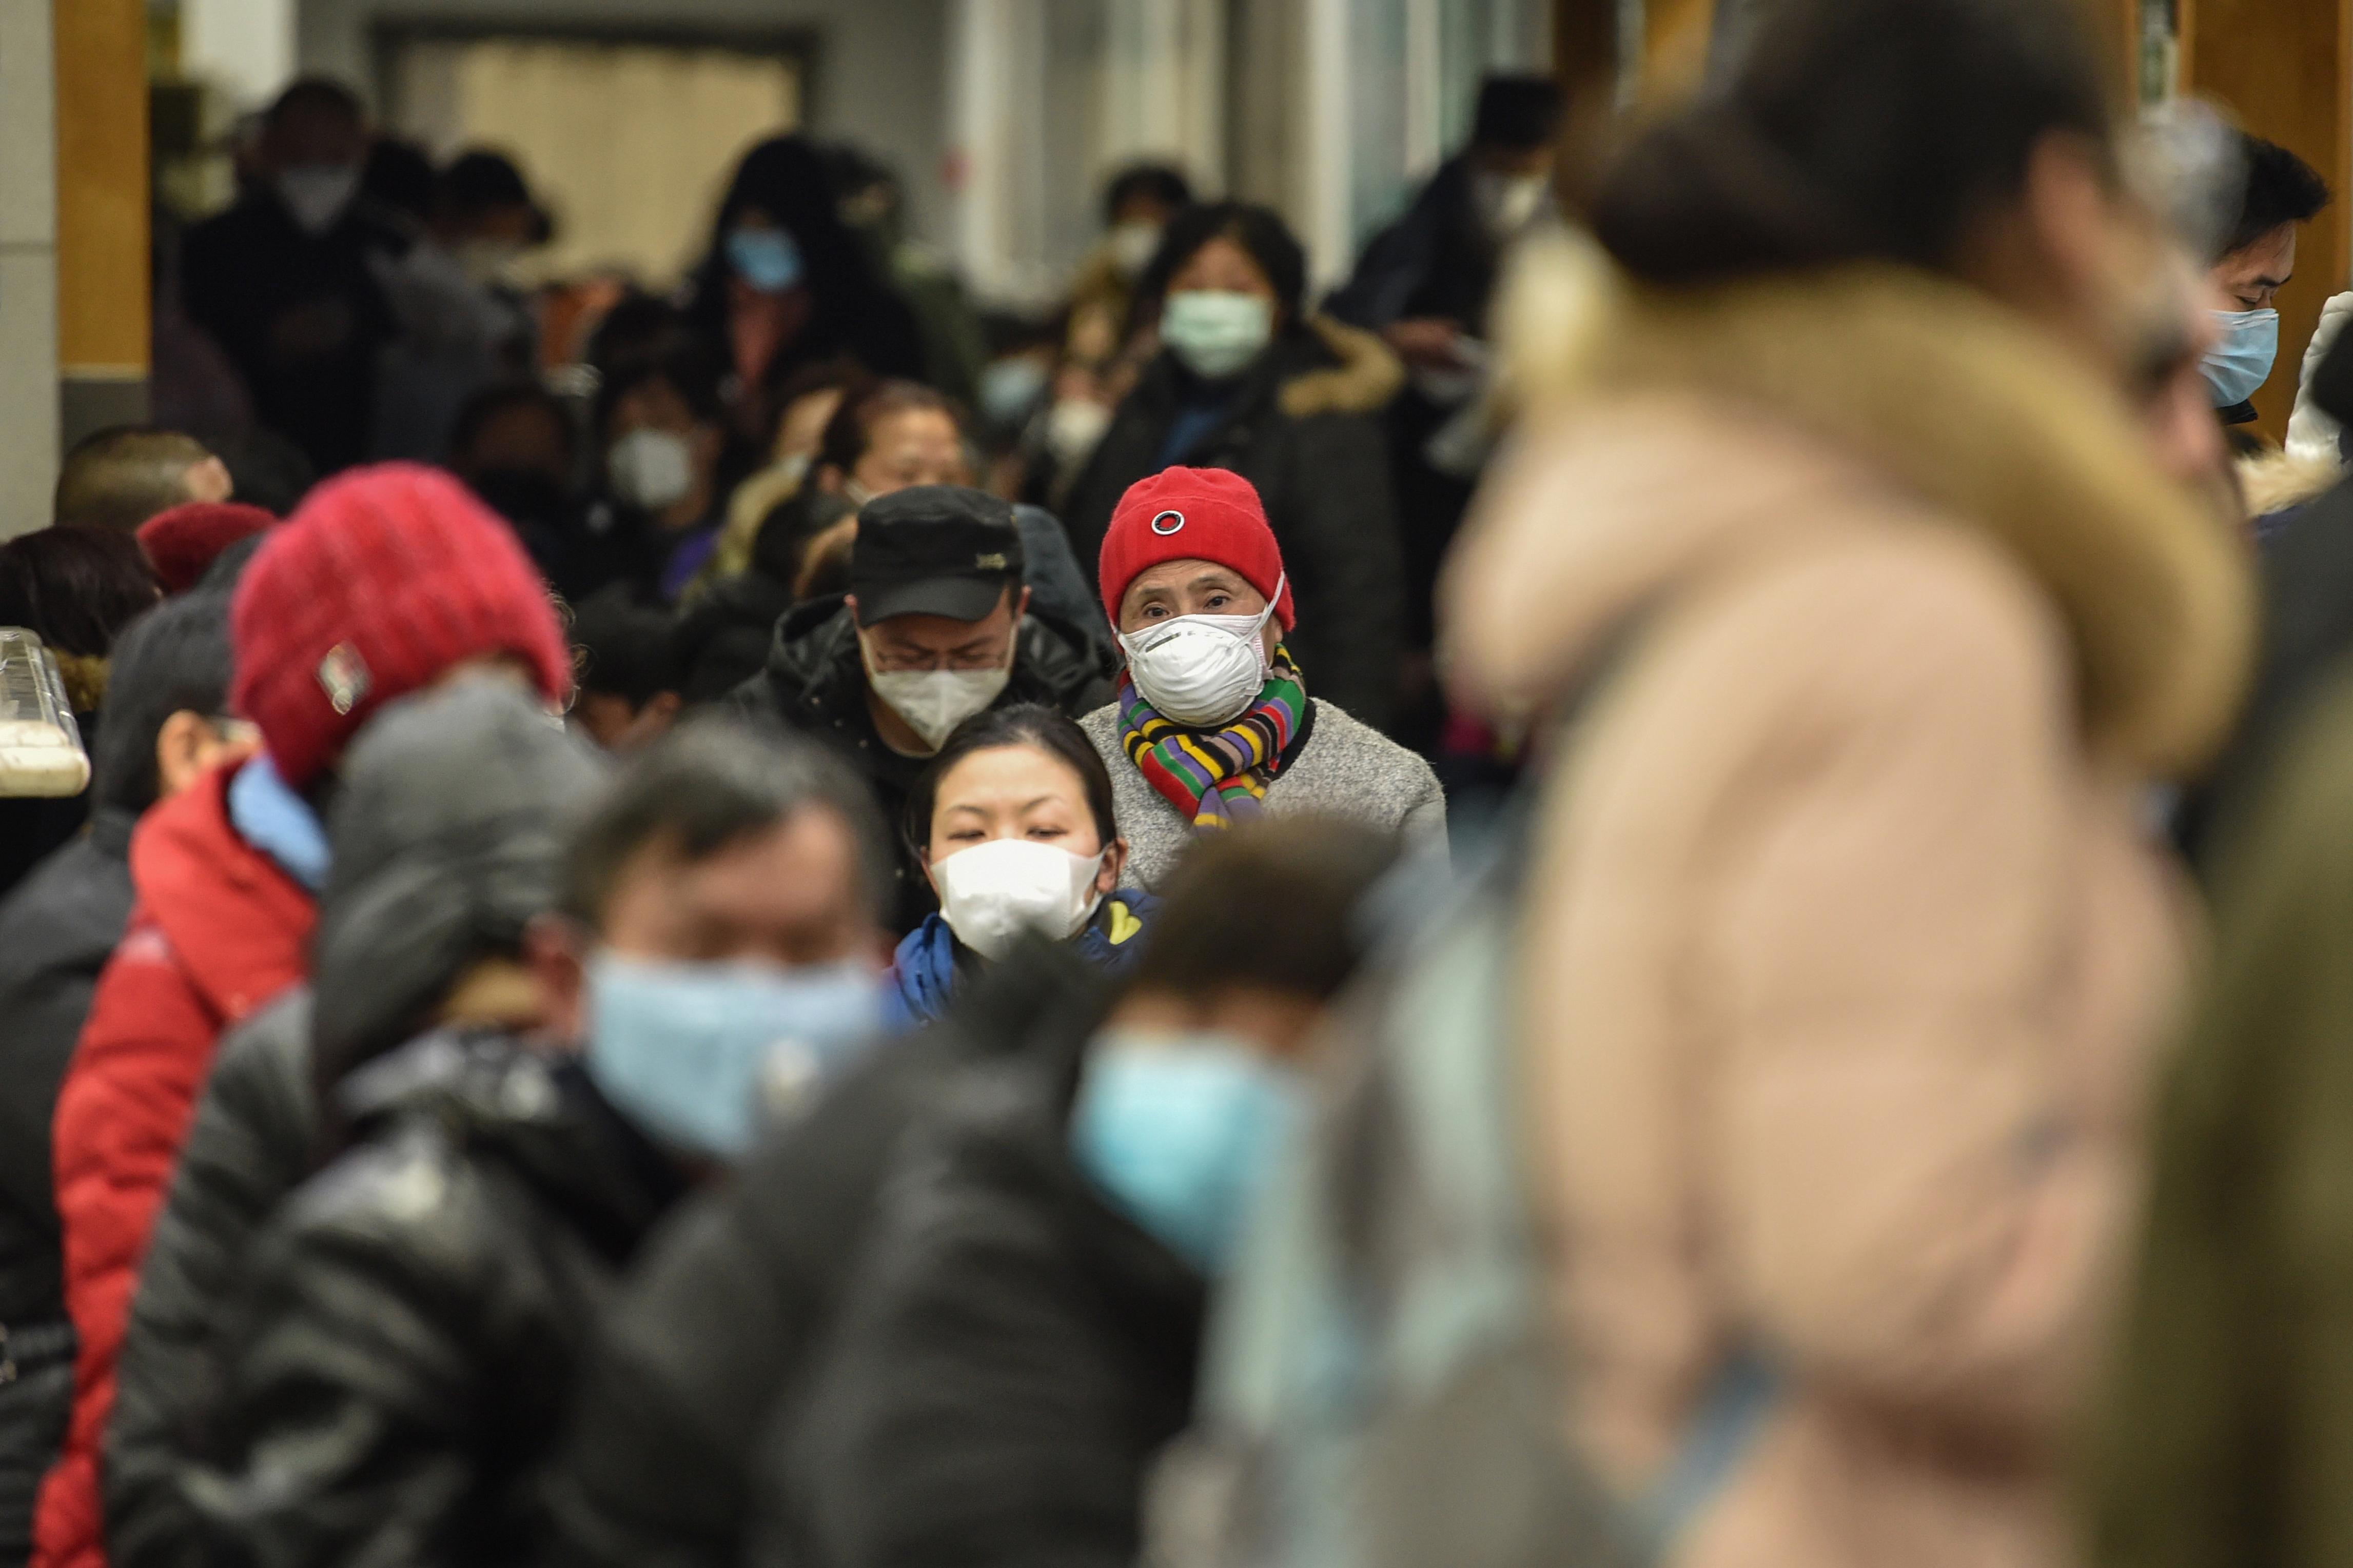 【新冠肺炎】什么是接触传播? 中国国家卫健委为你解答